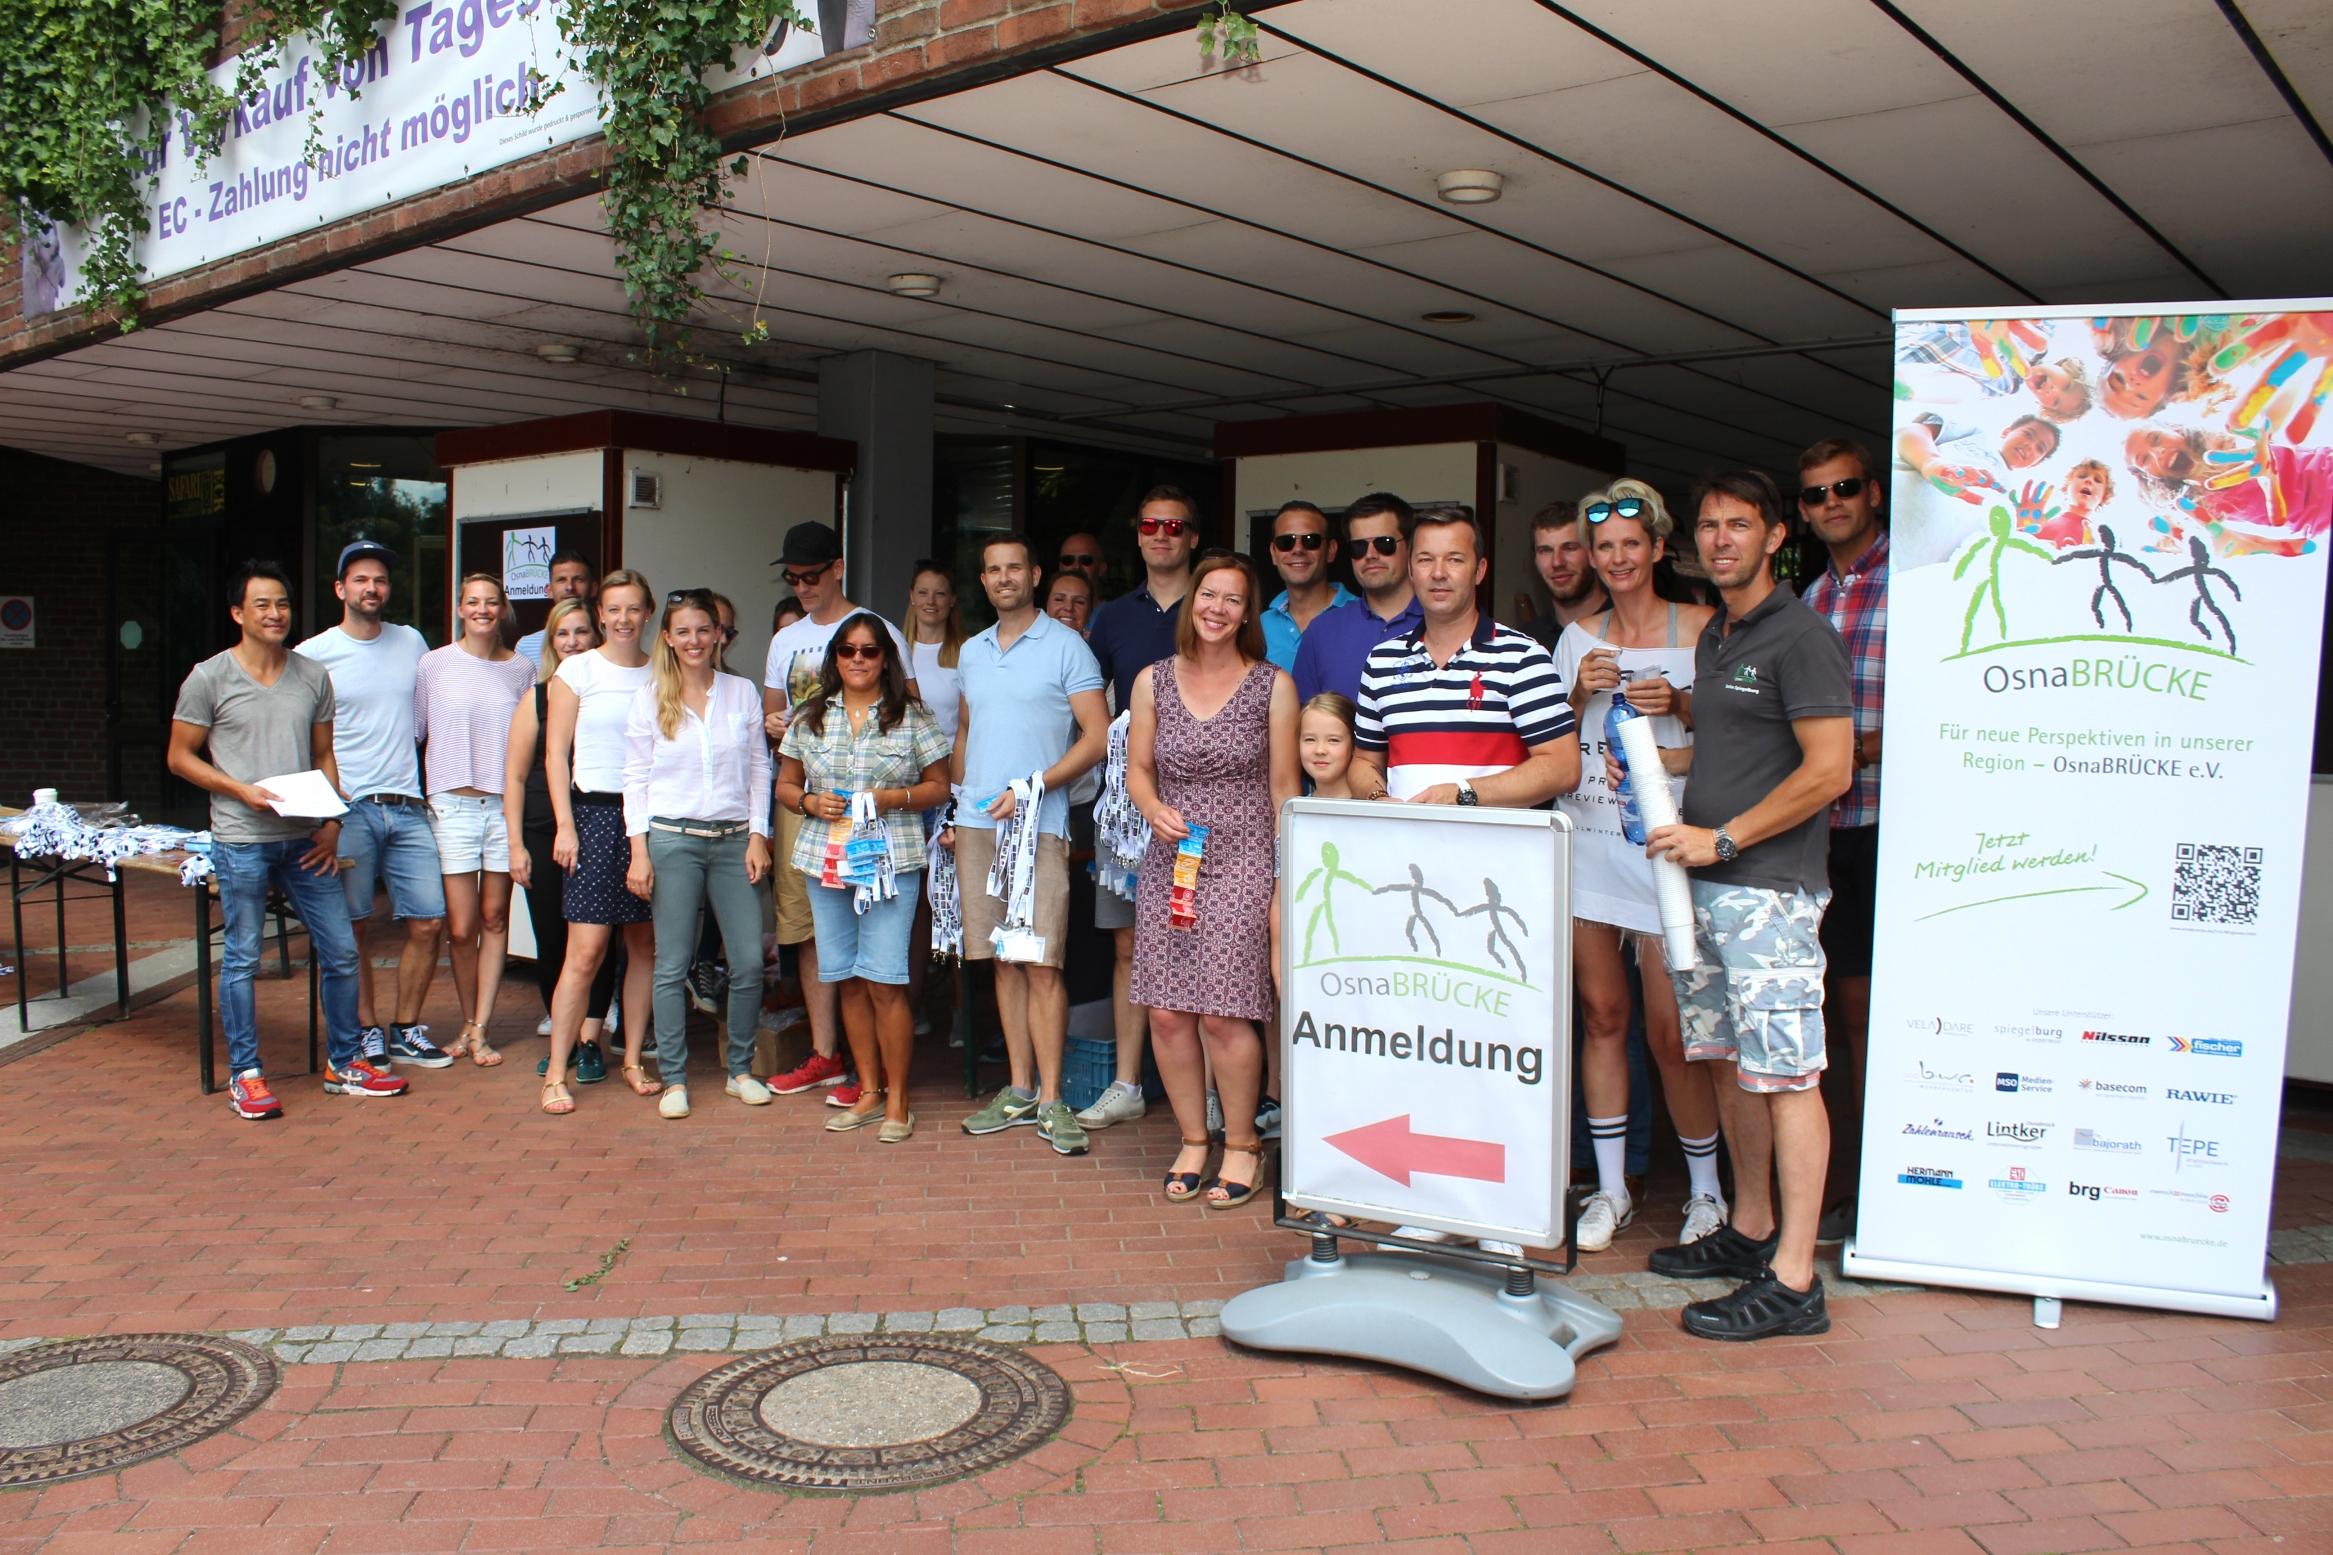 OsnaBRÜCKE Sommerfest 2017 - 7